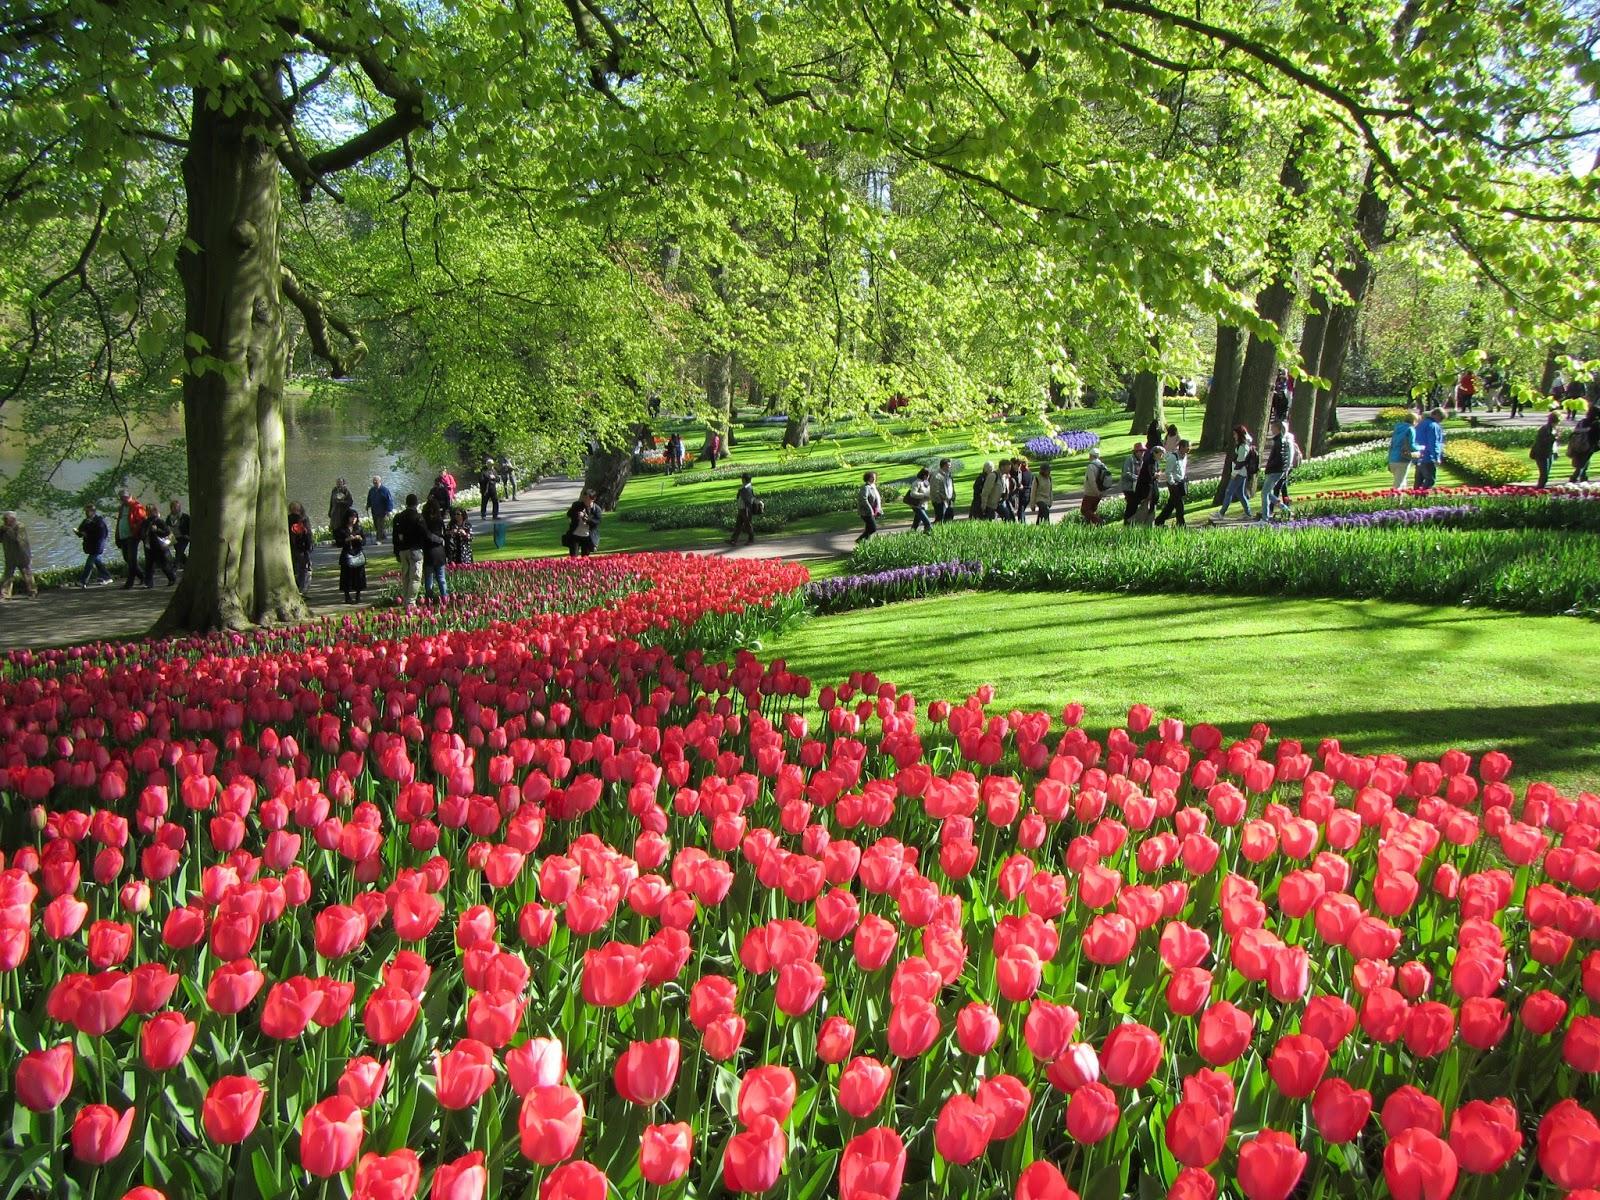 mar de rosas, nos sentimos mergulhados num mar de tulipas